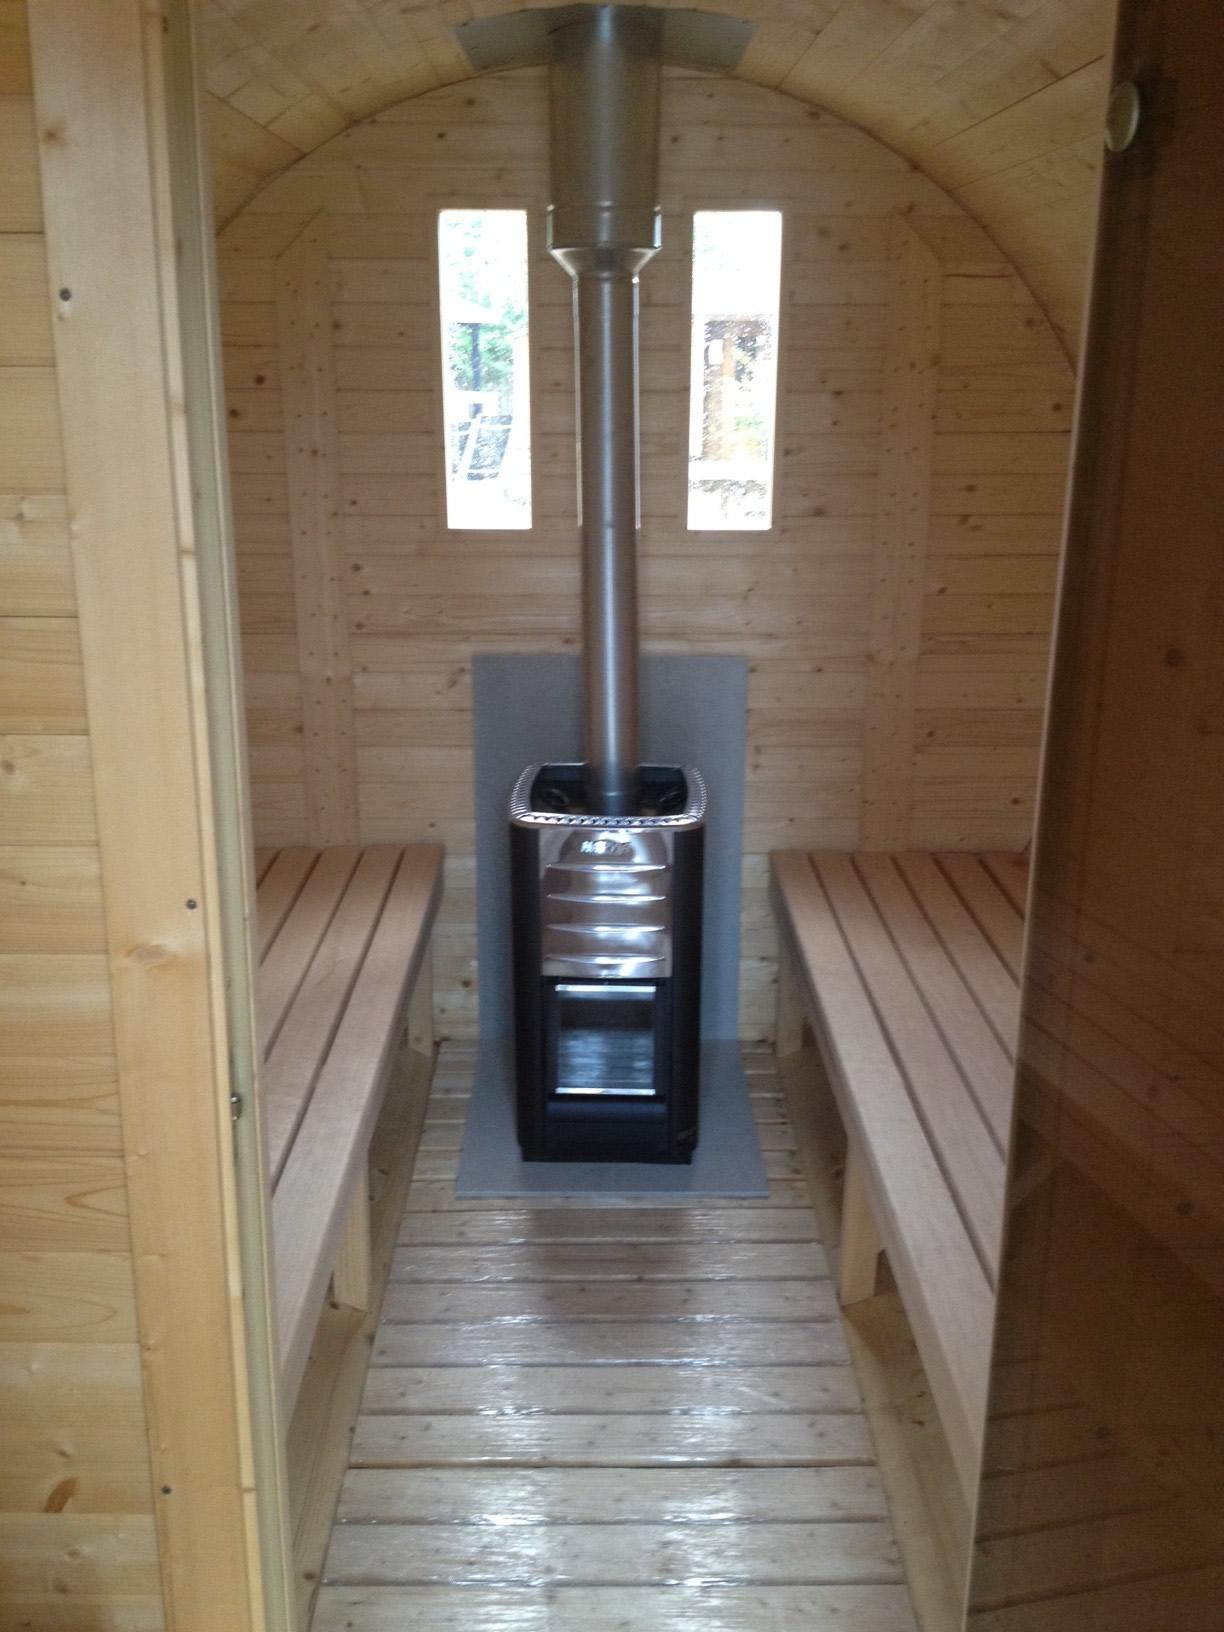 Barrel sauna stove